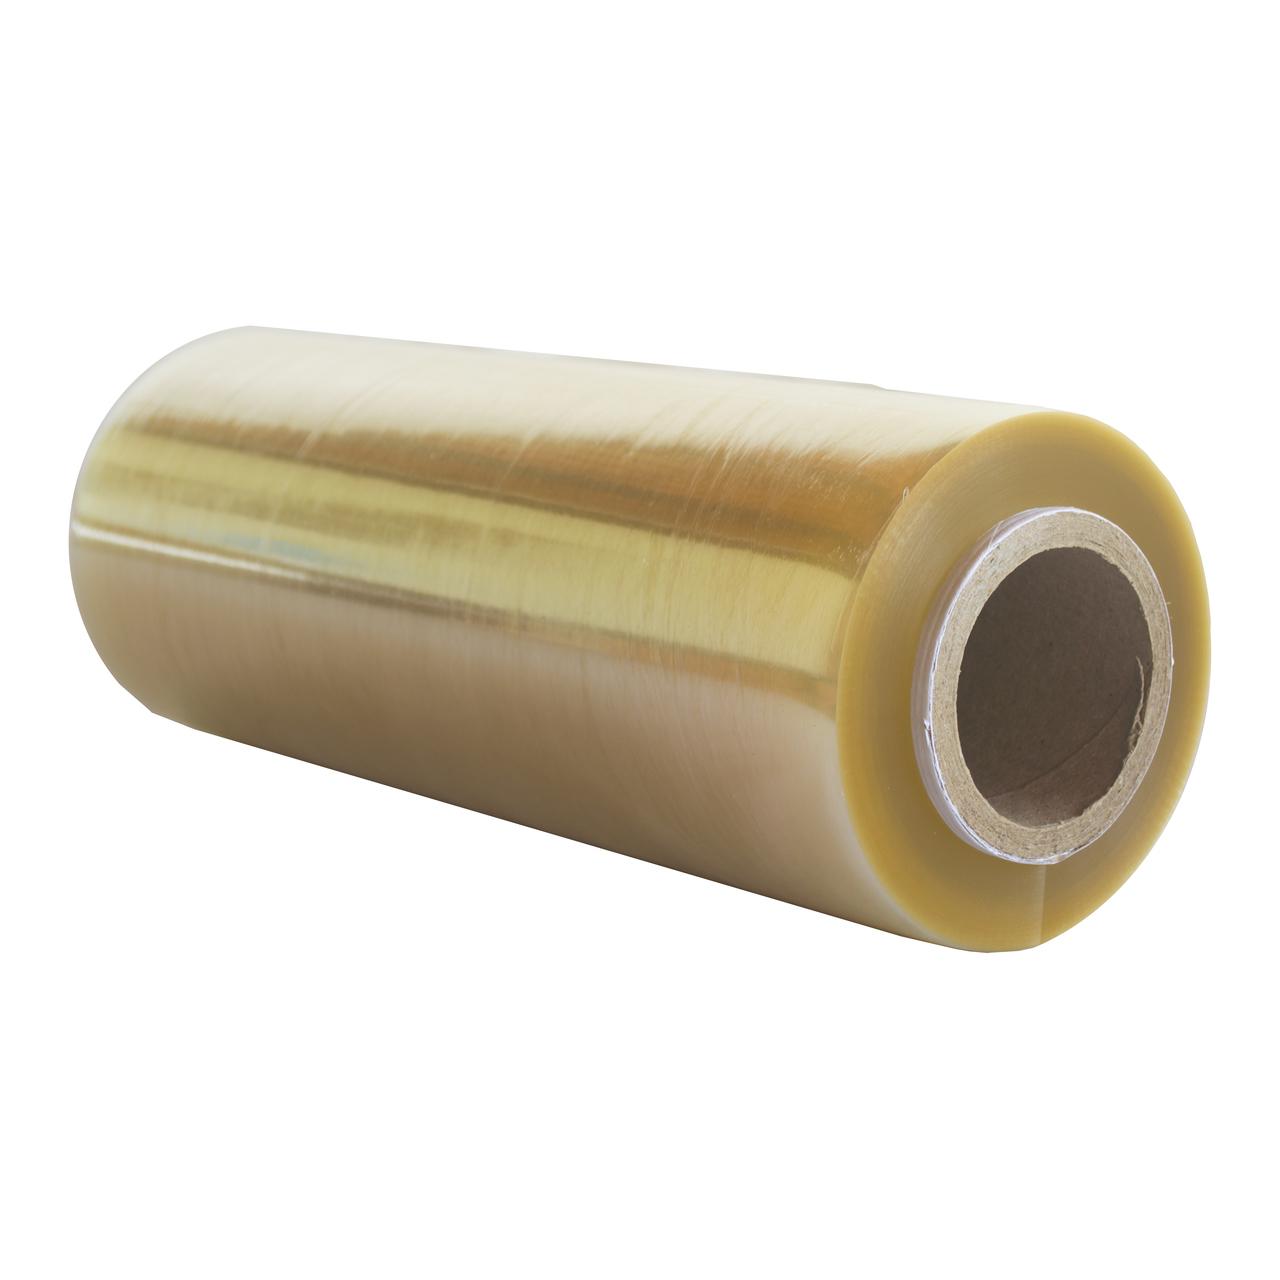 FILME DE PVC EST.40X900M BRASPATRIC 1 UN